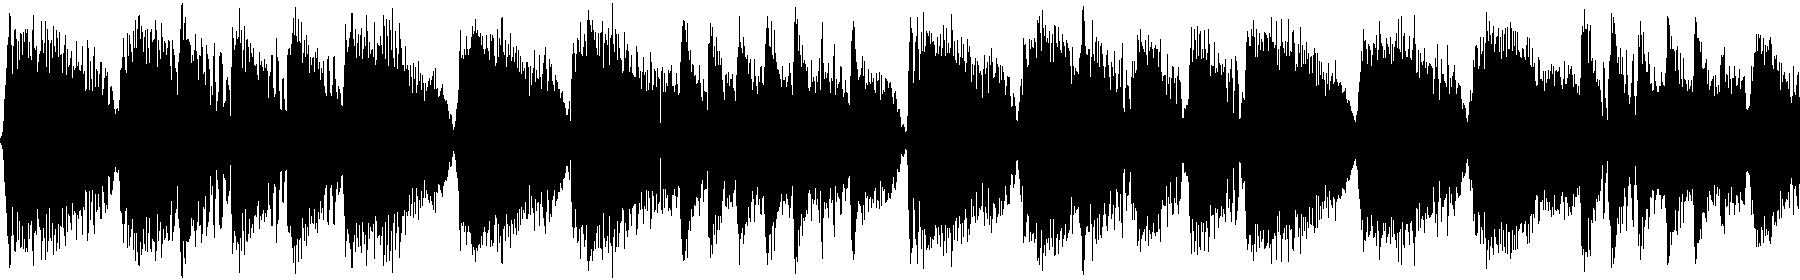 05   synth loop 125bpm em